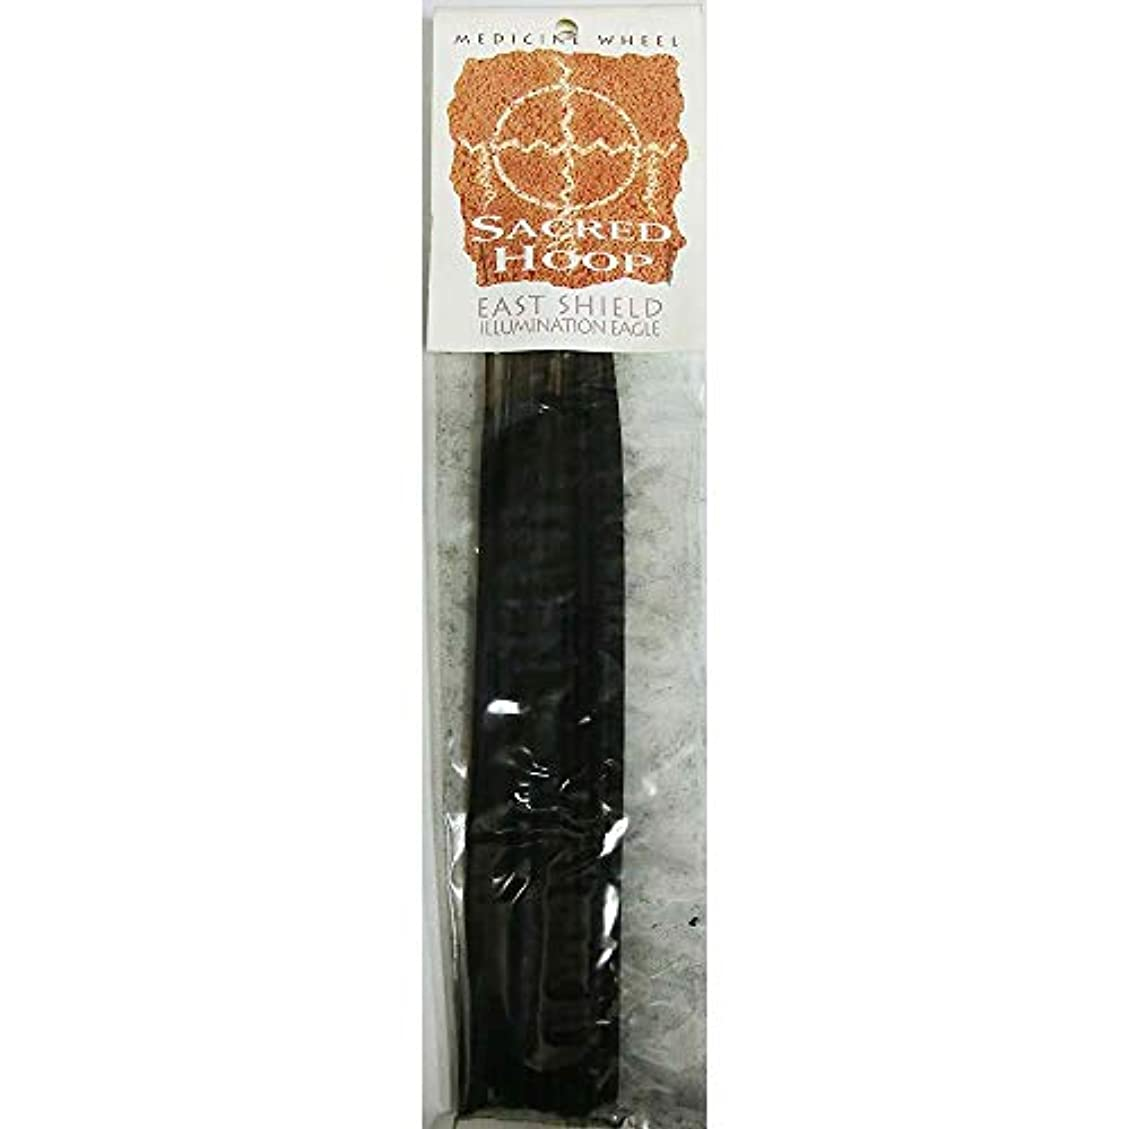 すり動指導するお香 Medicine Wheel Sacred Hoop East Shield Illumination Eagle インセンス魔法のお香